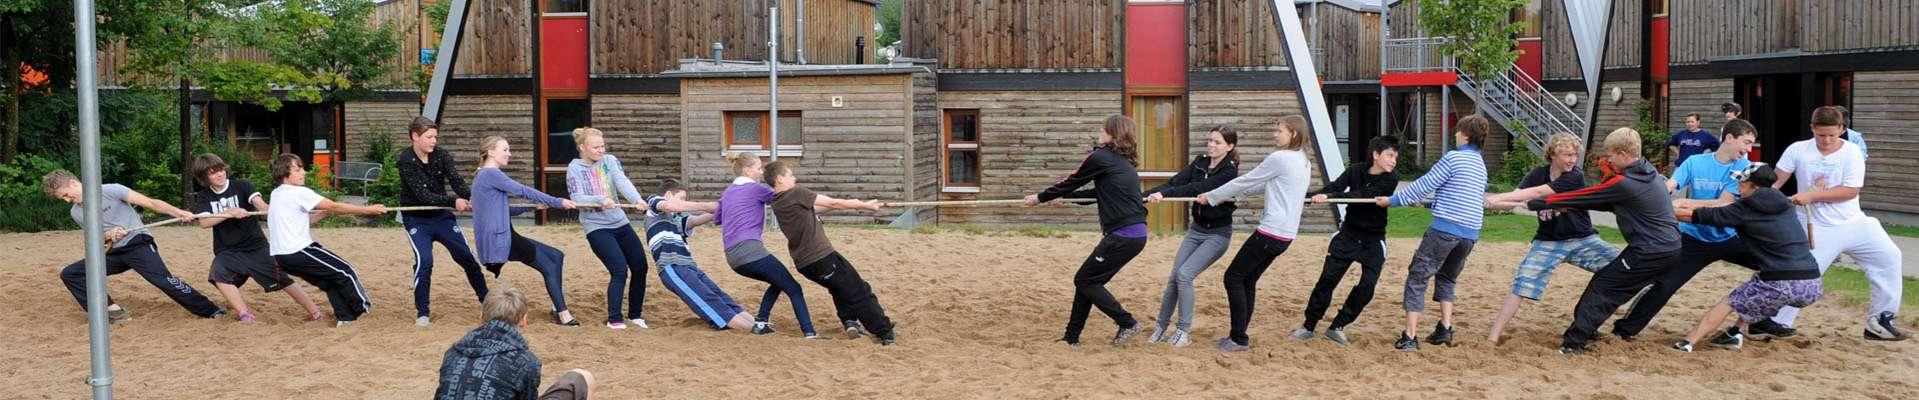 Headerbild Tauziehen im Sport- und Erlebnisdorf Hachen